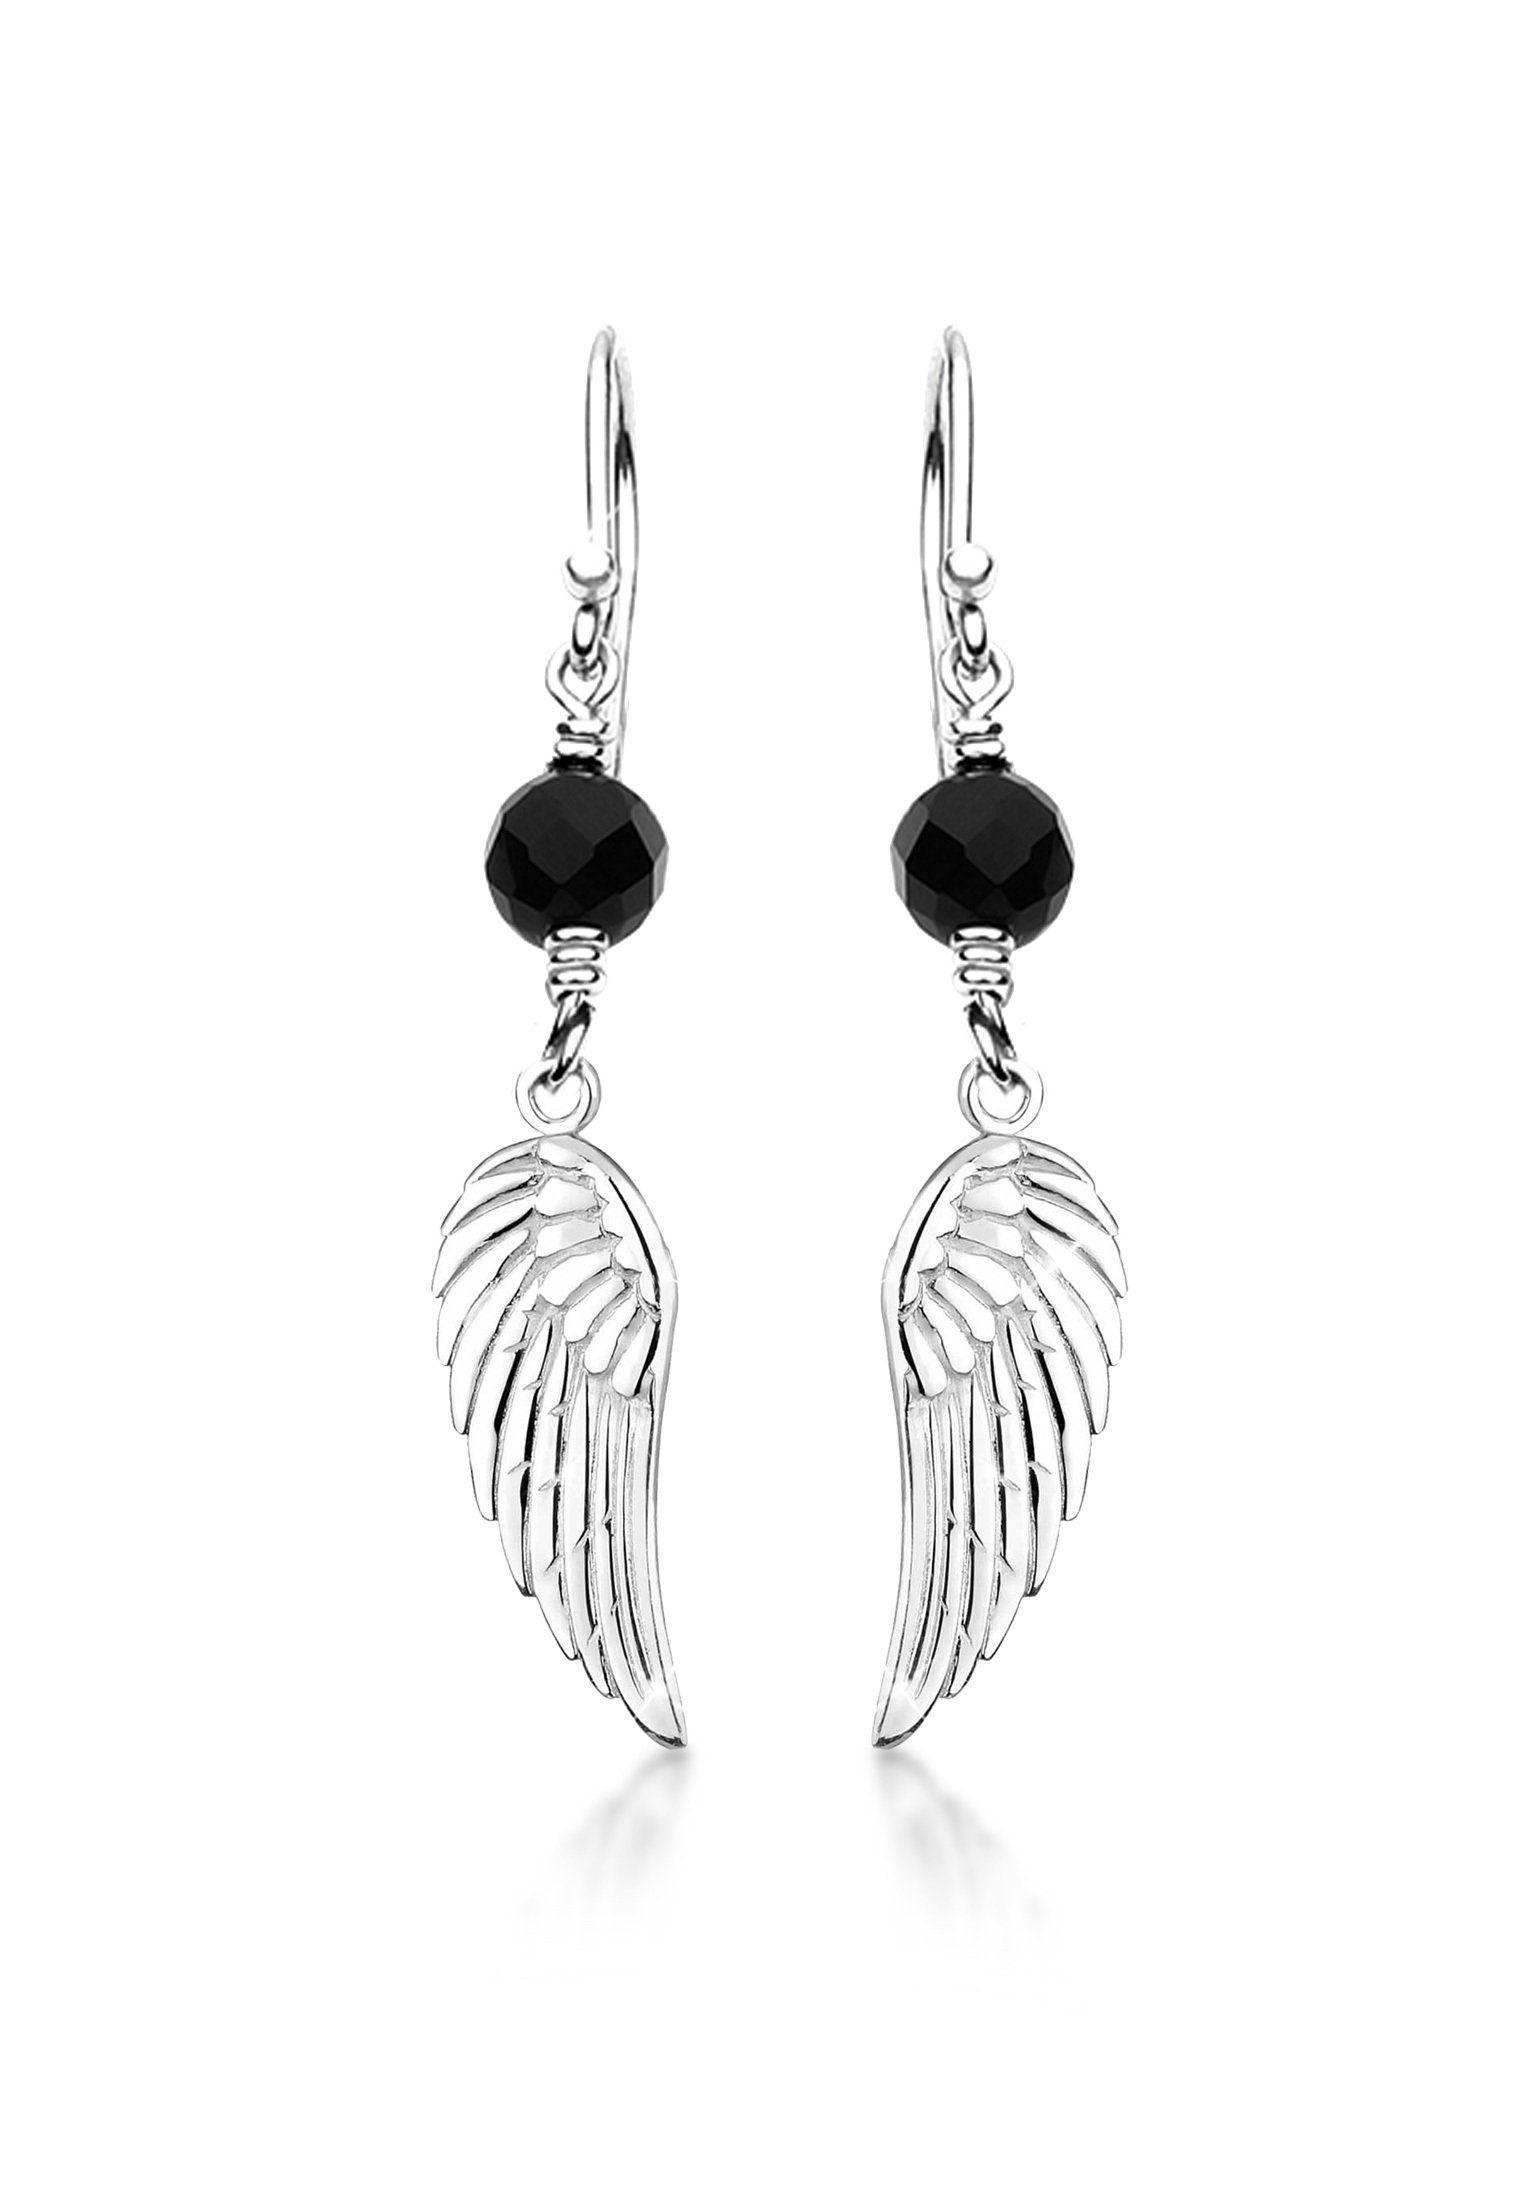 Nenalina Paar Ohrhänger »Ohrhänger Flügel Talisman Onyx Stein 925 Silber«